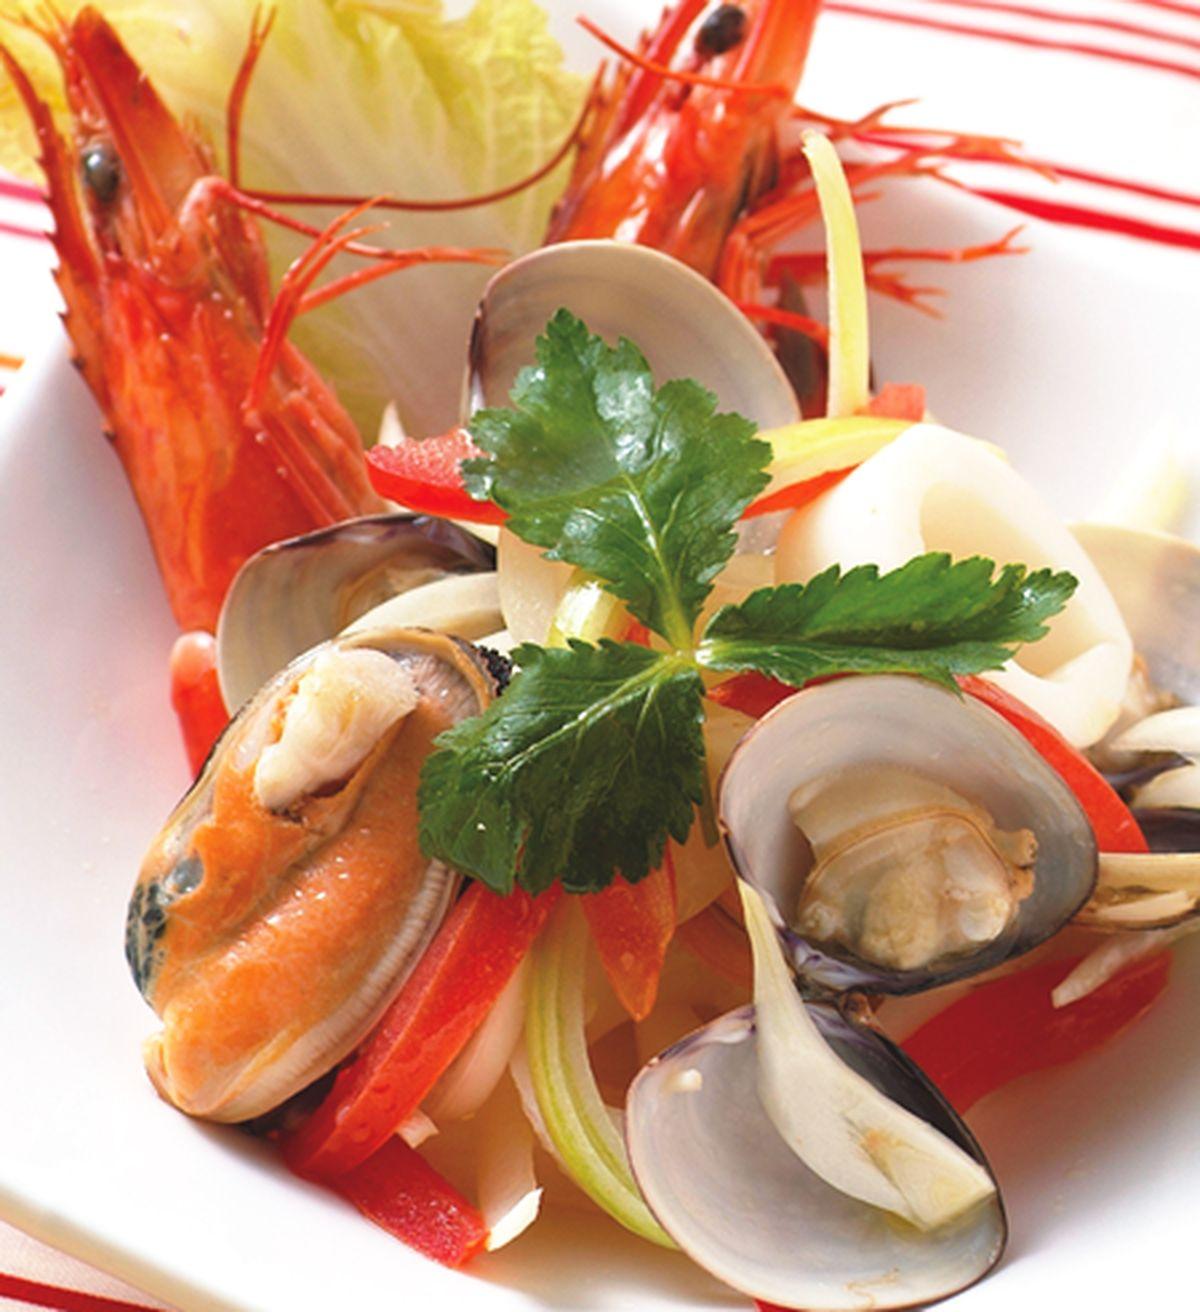 食譜:橙汁海鮮沙拉